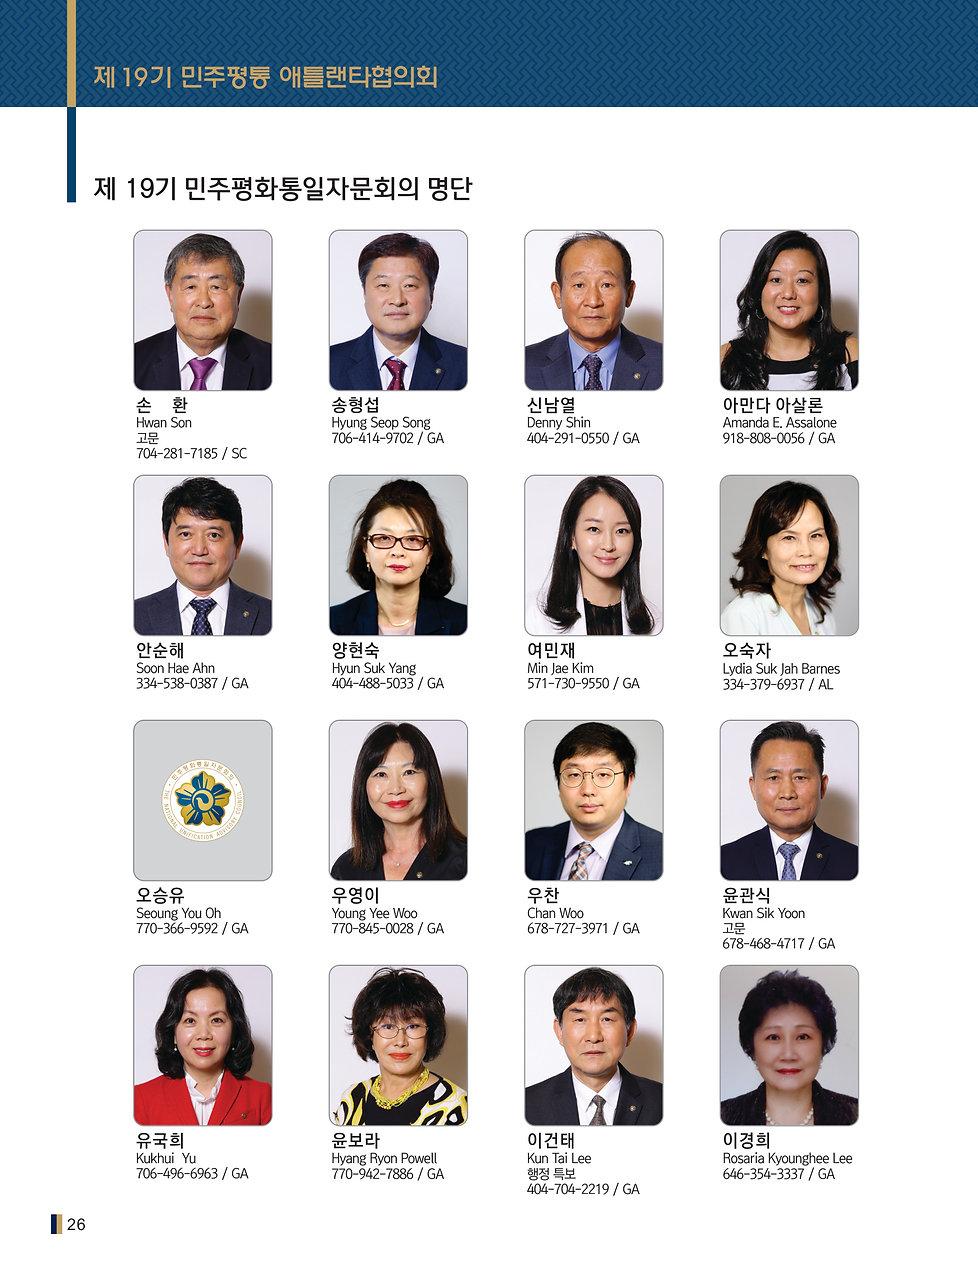 민주평통 자문위원 안내책자 내지_111319-자문위원사진첩-3.jpg